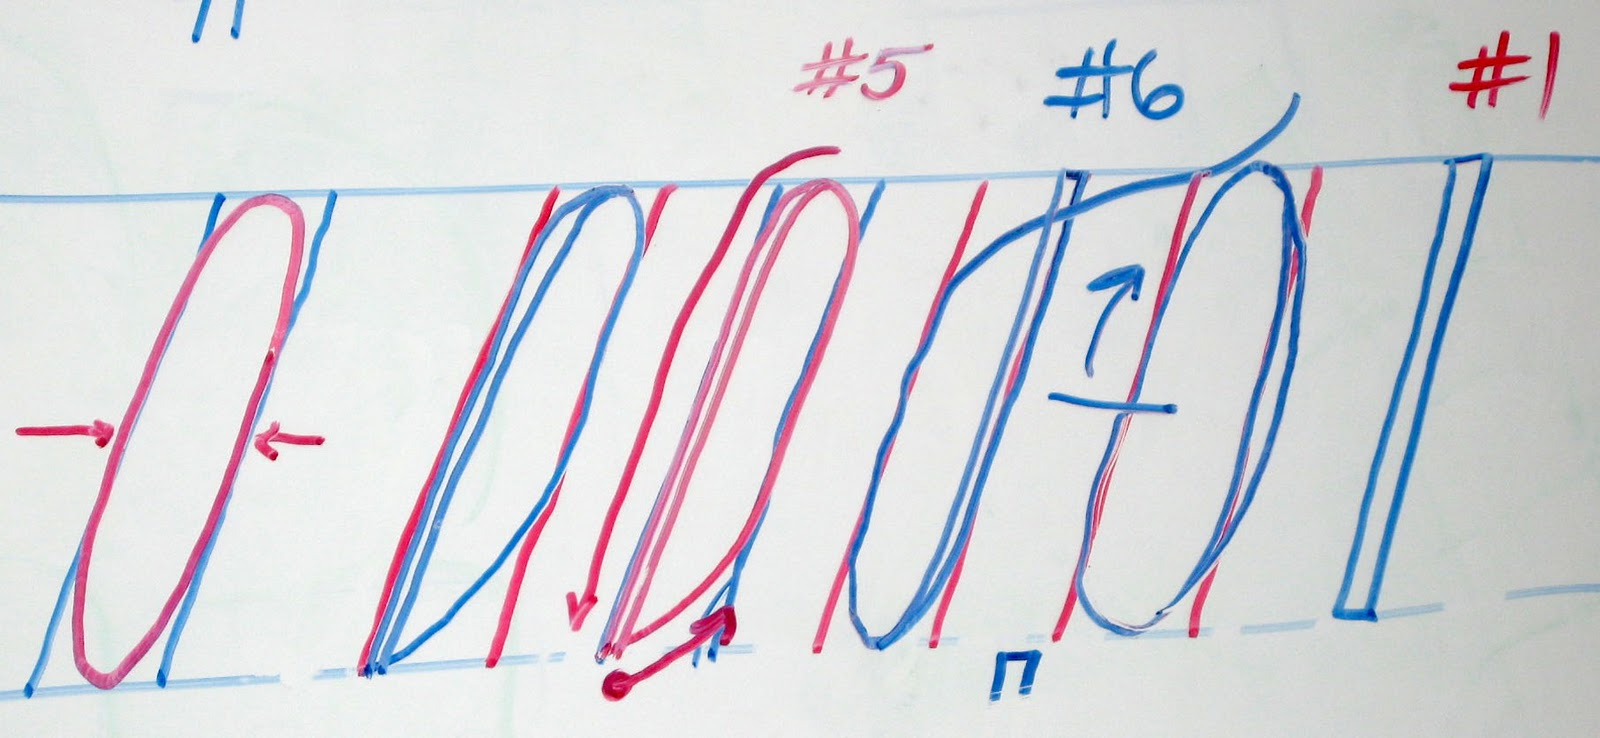 DeAnn Singh Calligraphy: January 23, 2012